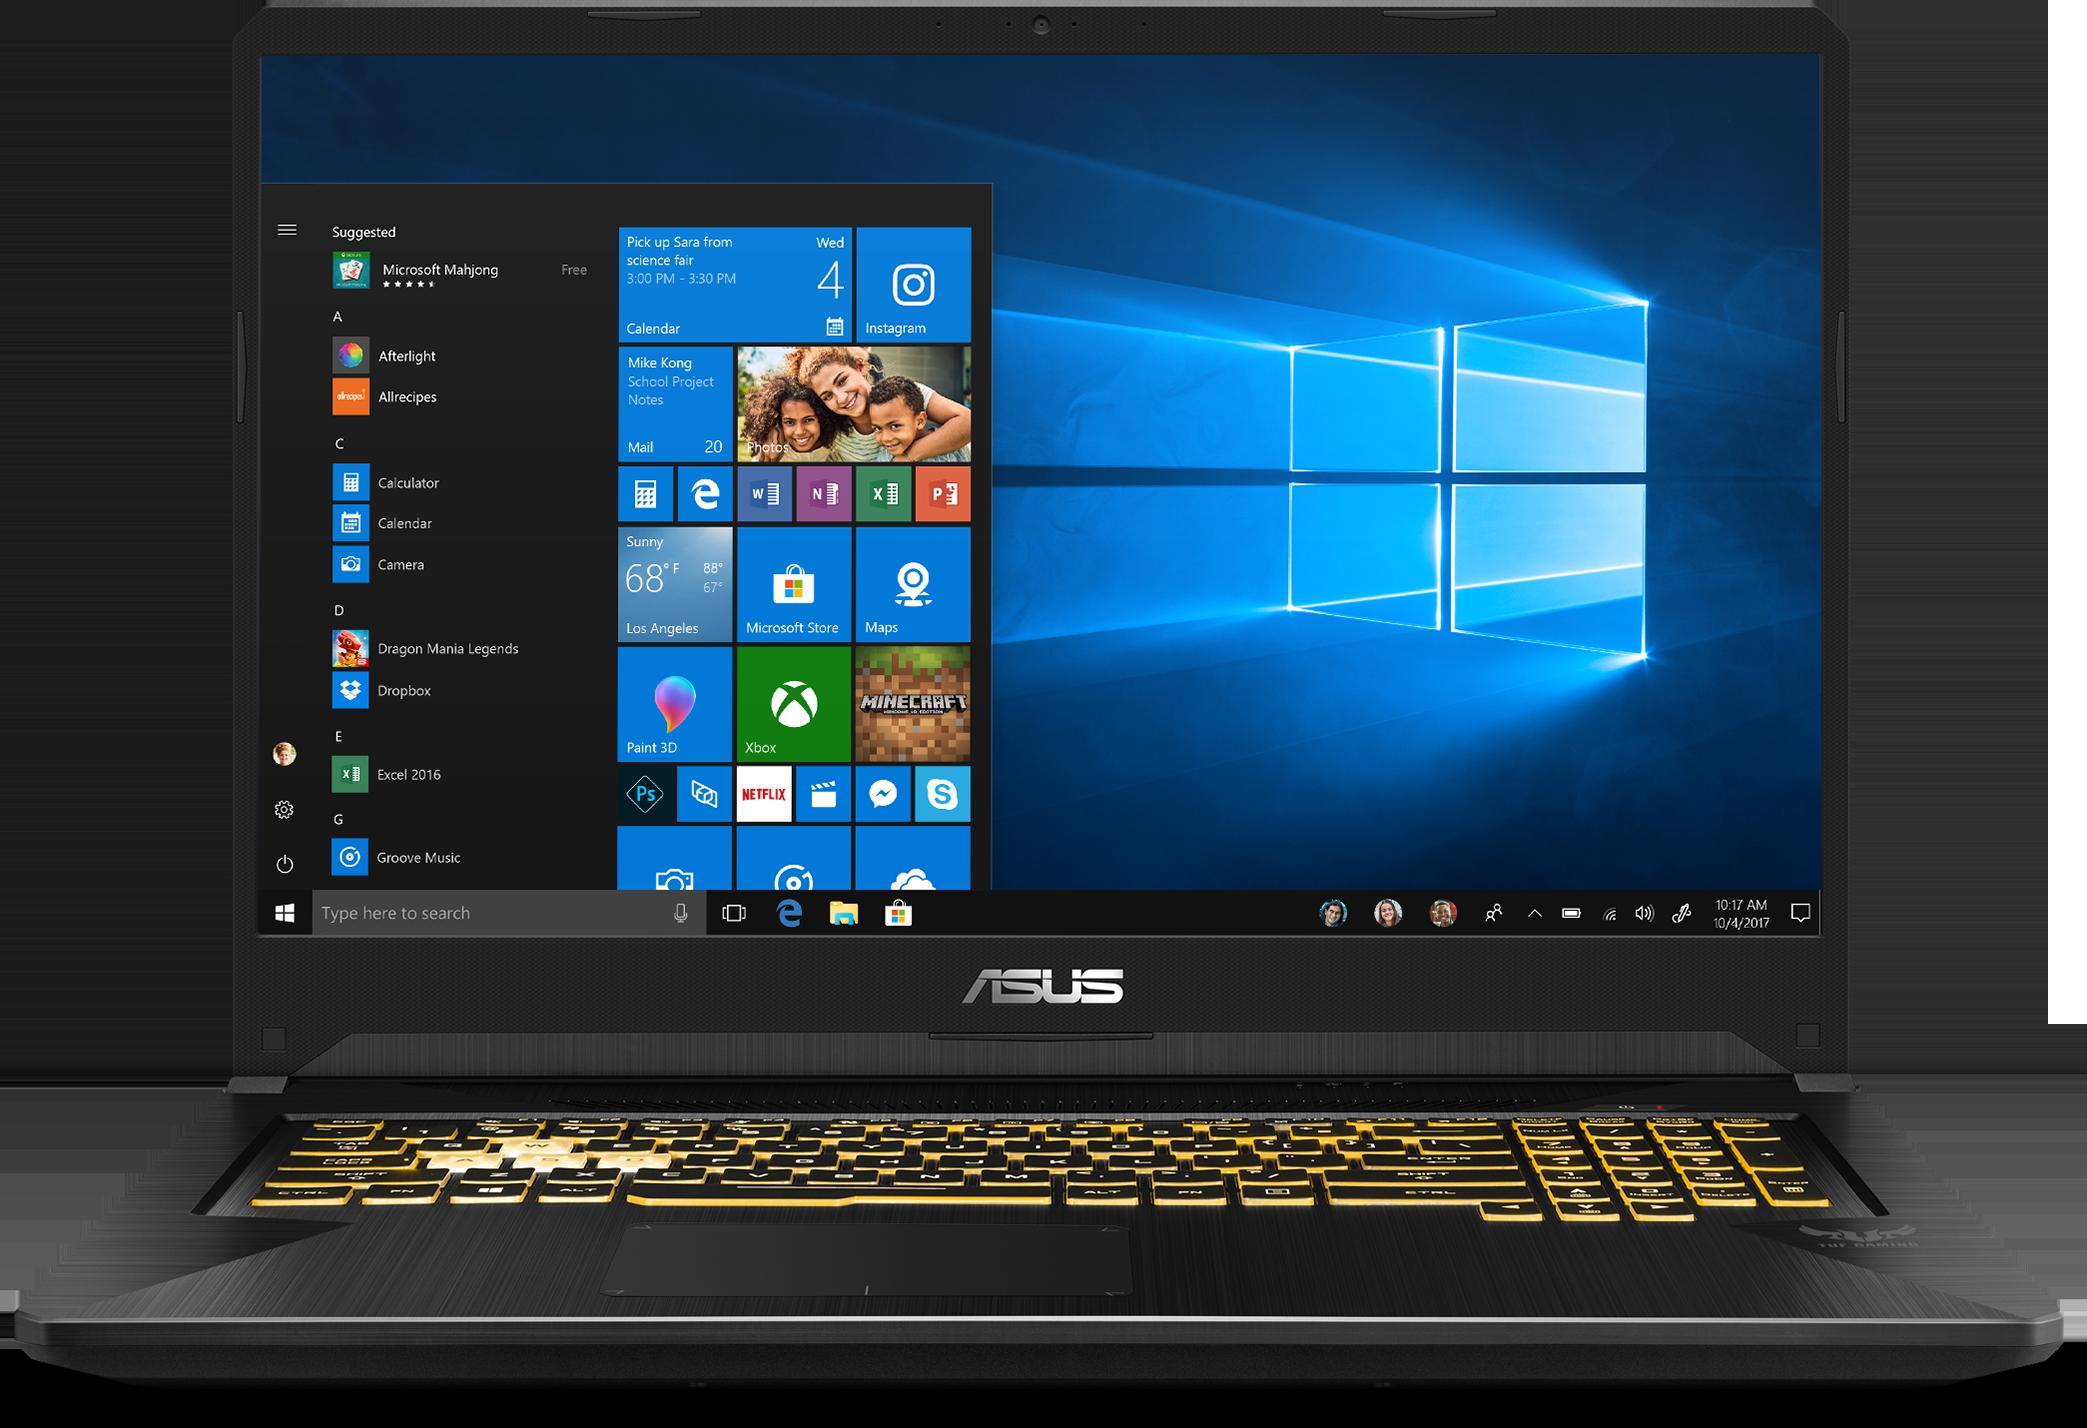 ASUS TUF FX705GM-NH74 Gaming Laptop